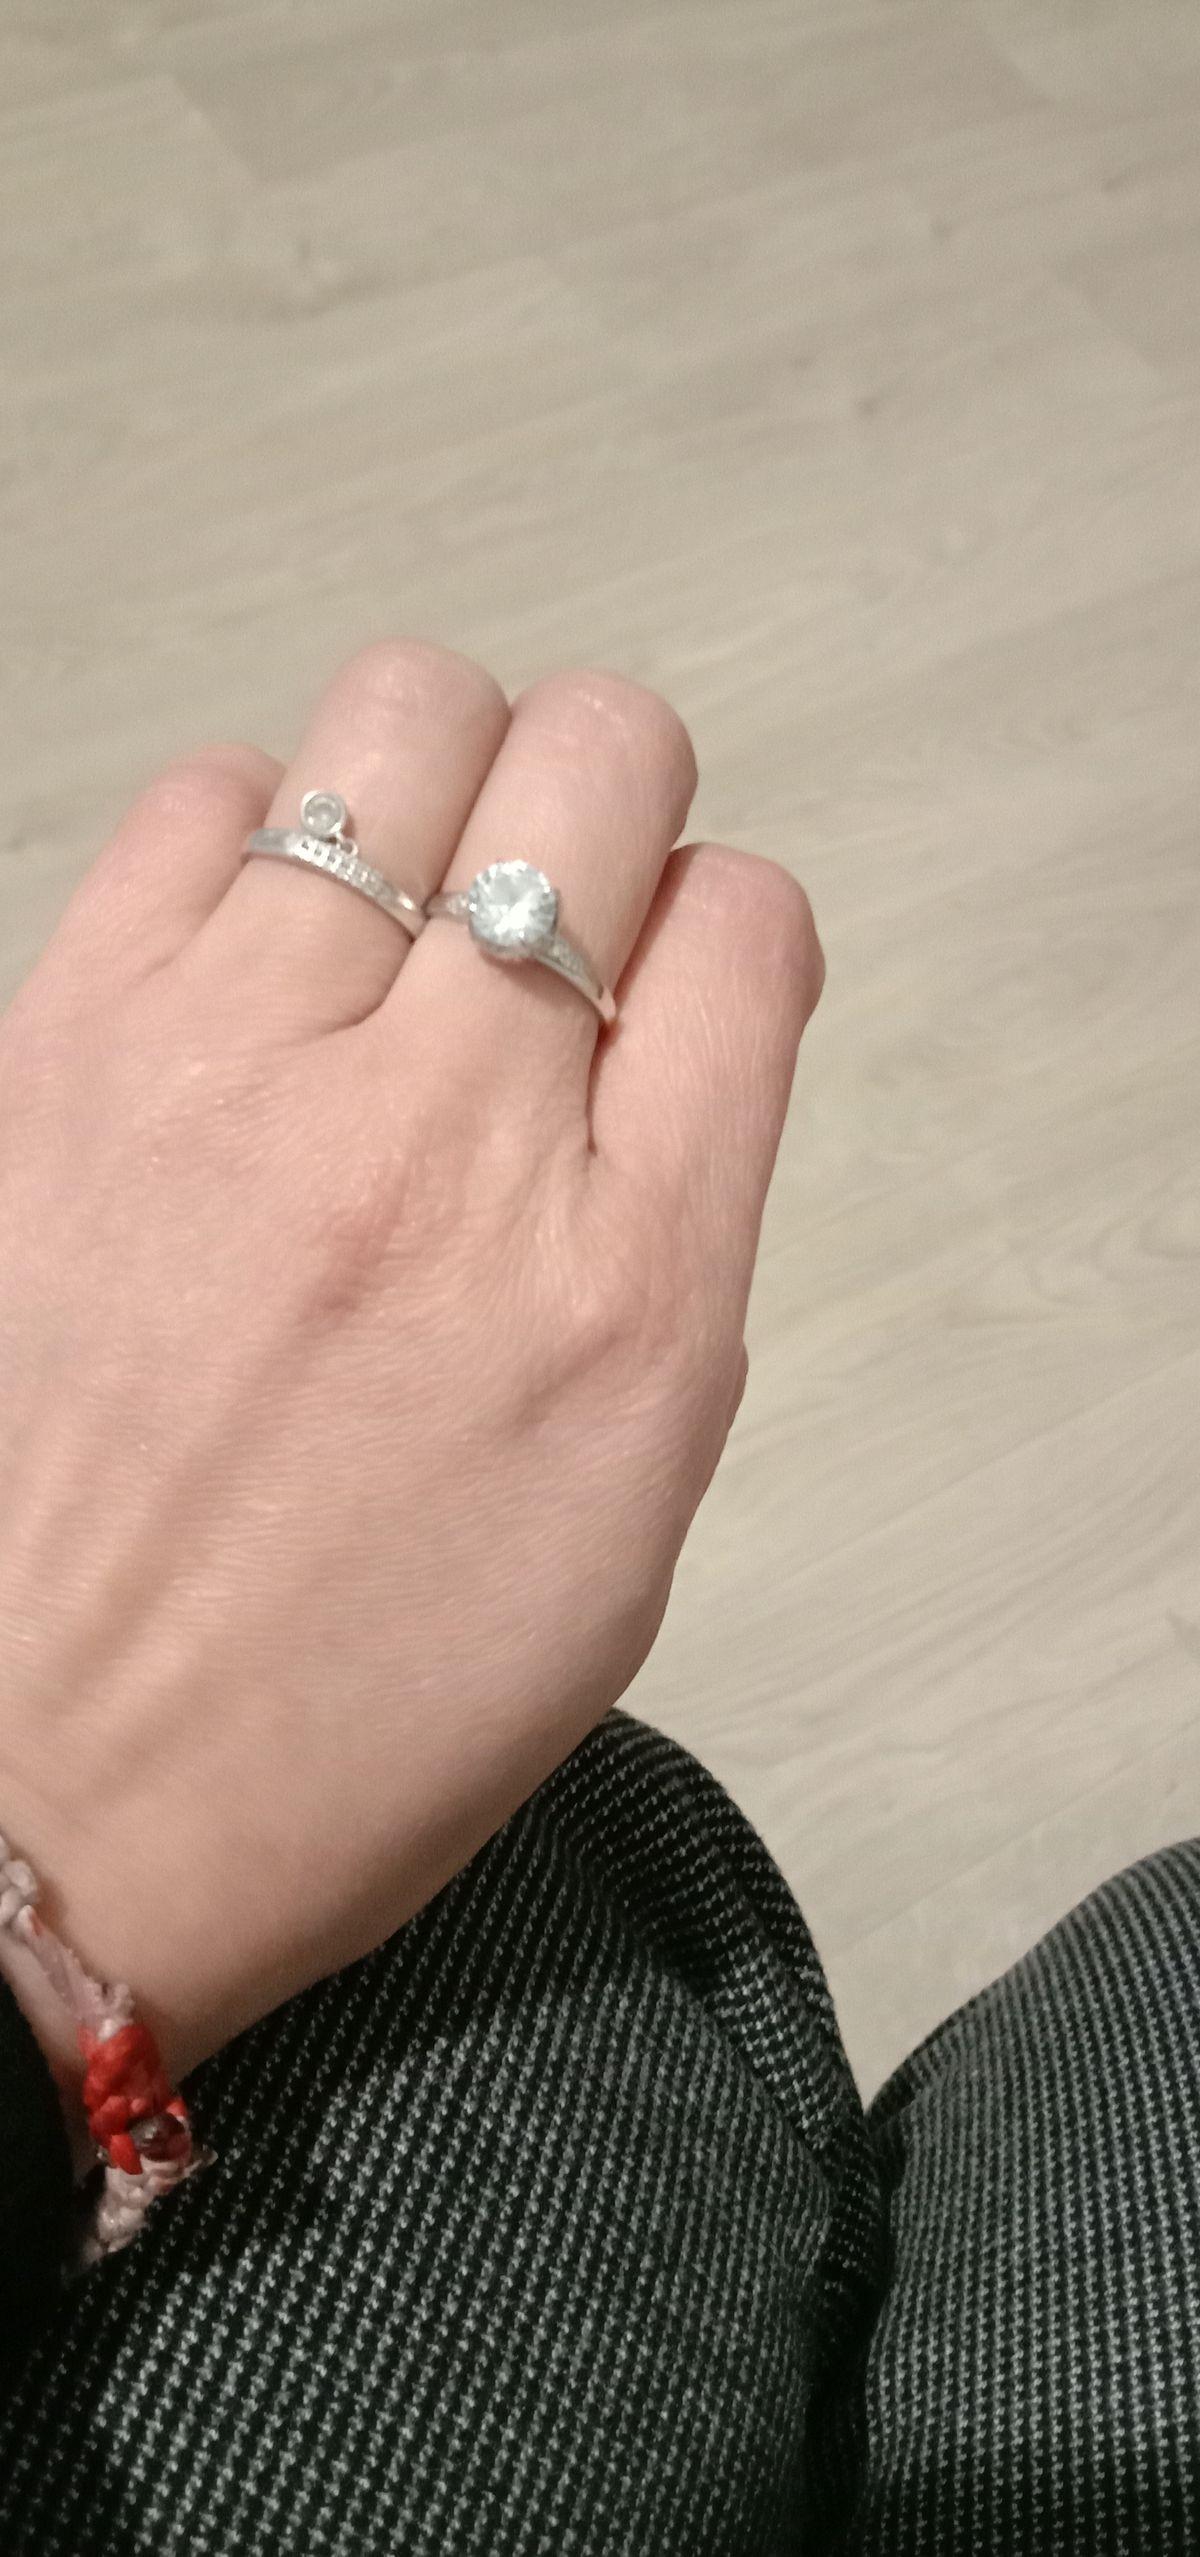 Кольцо просто прелесть